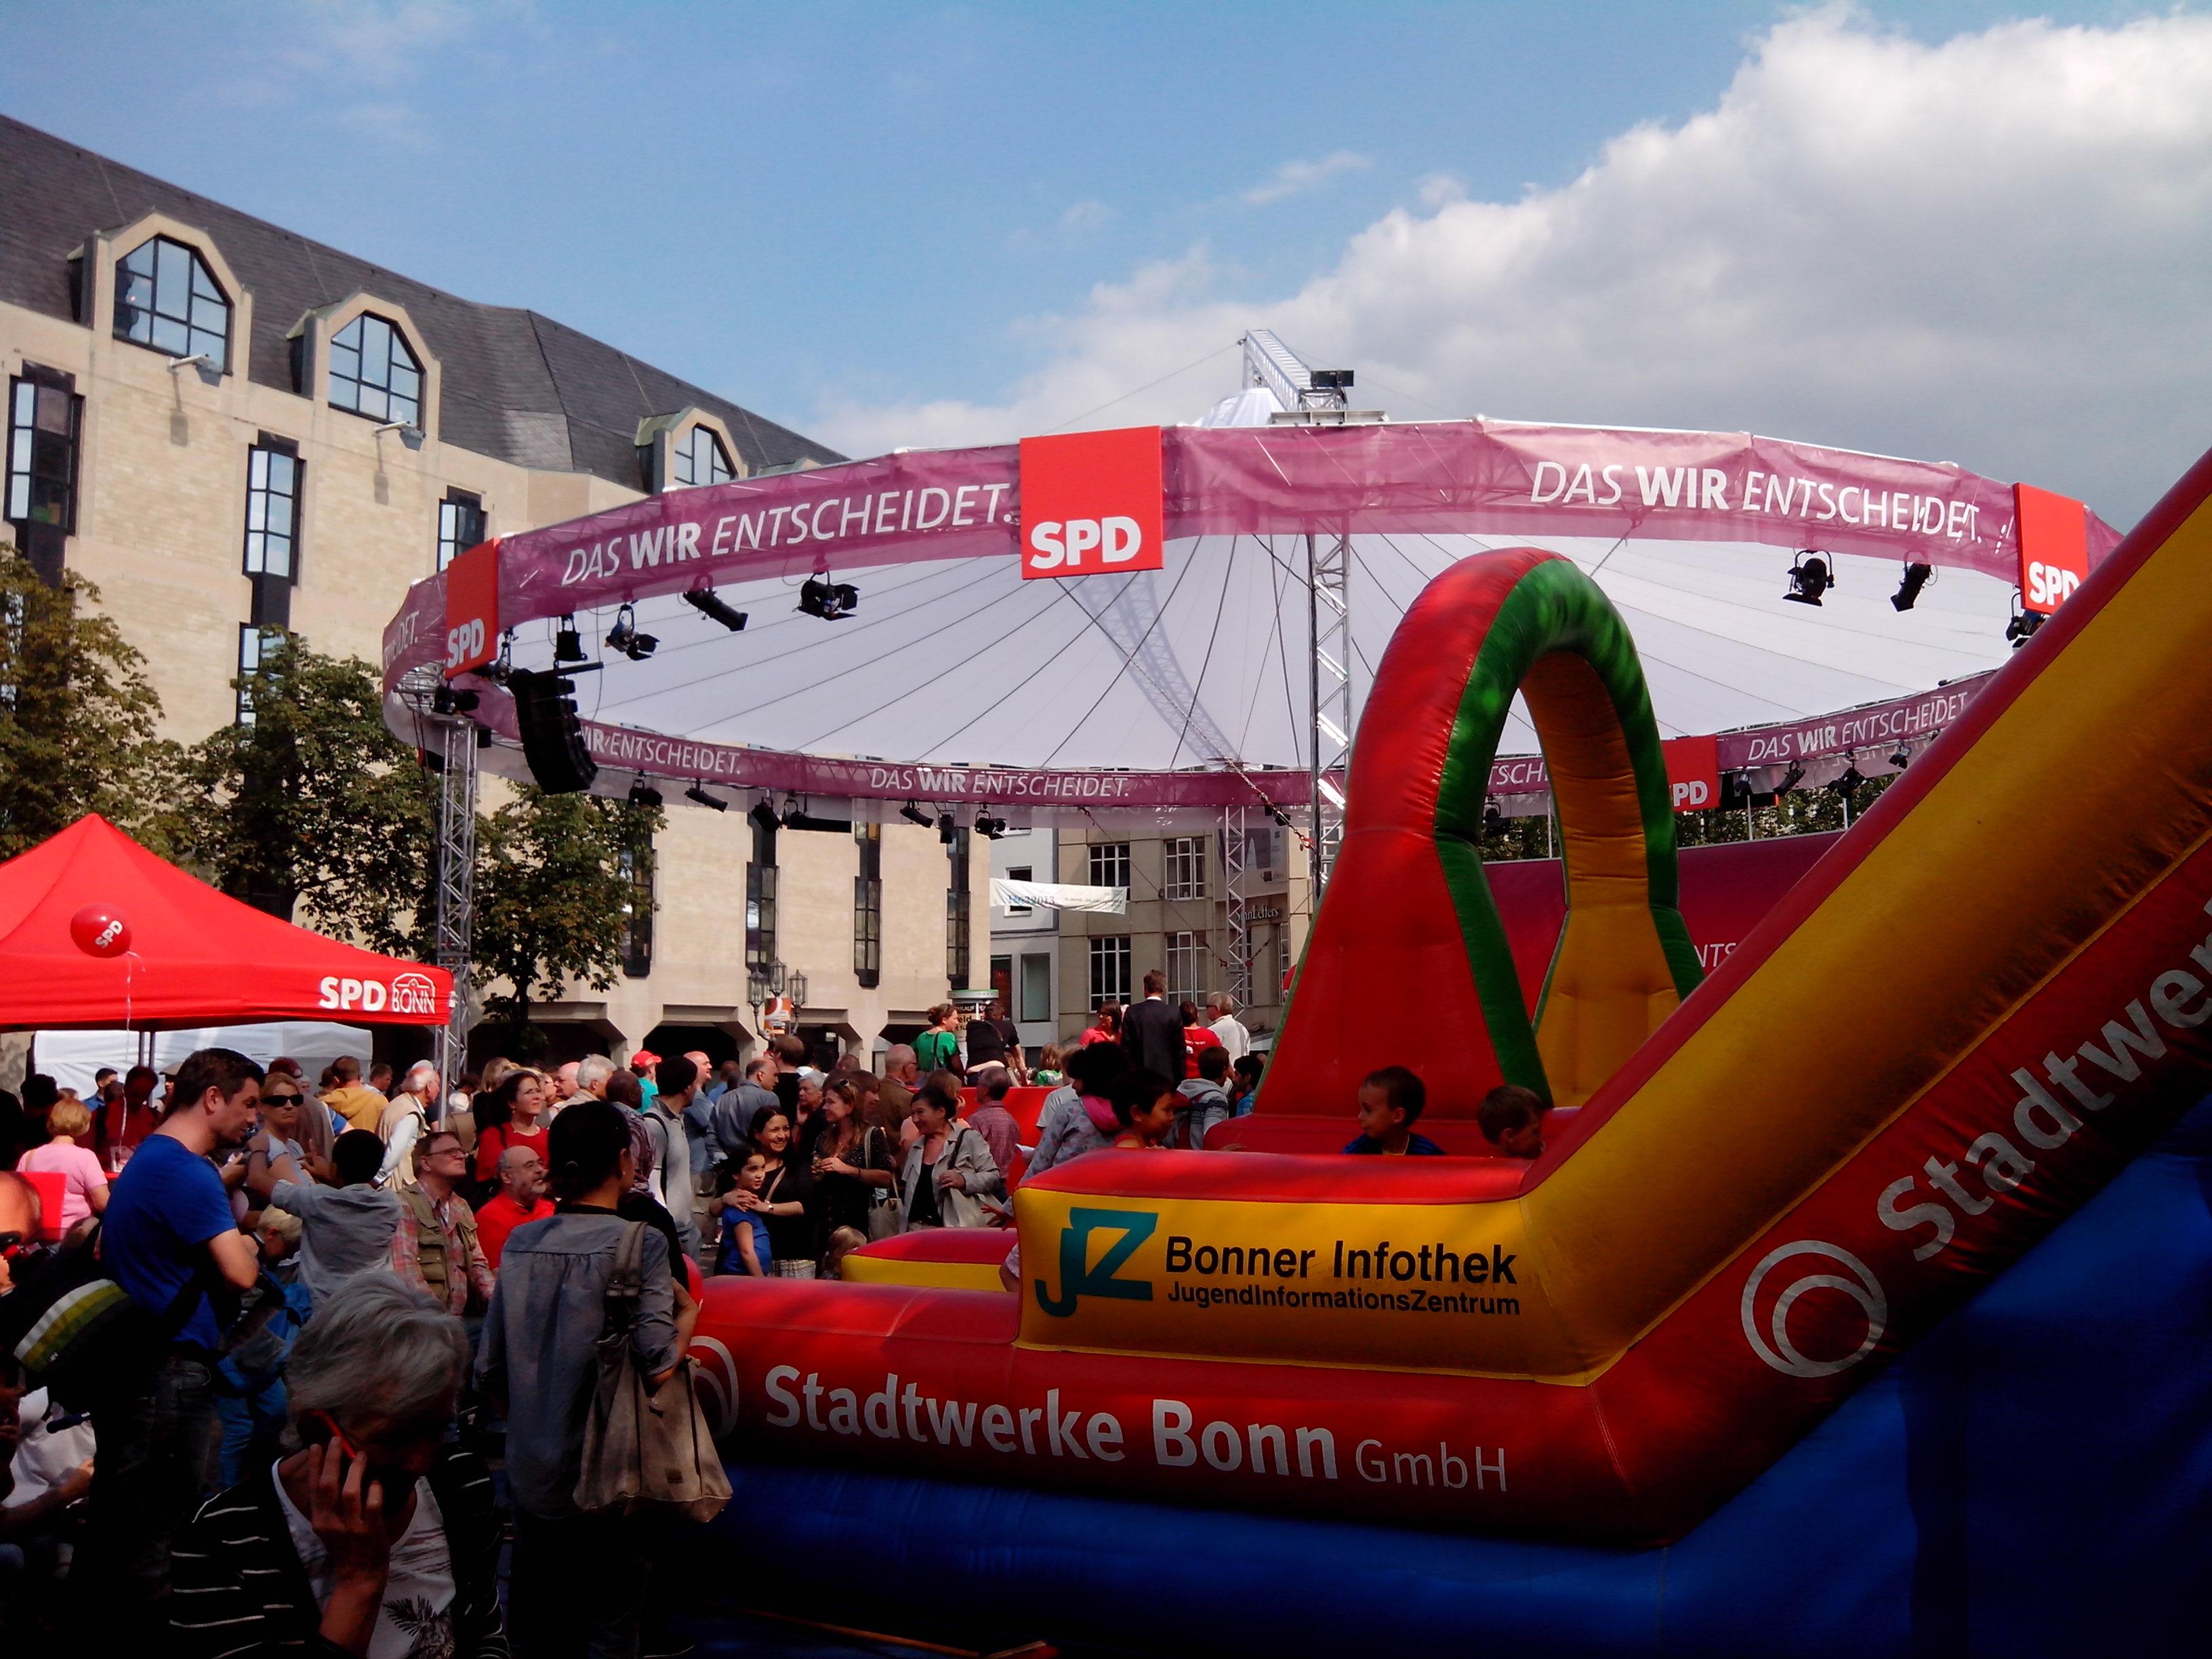 SPD und SWB